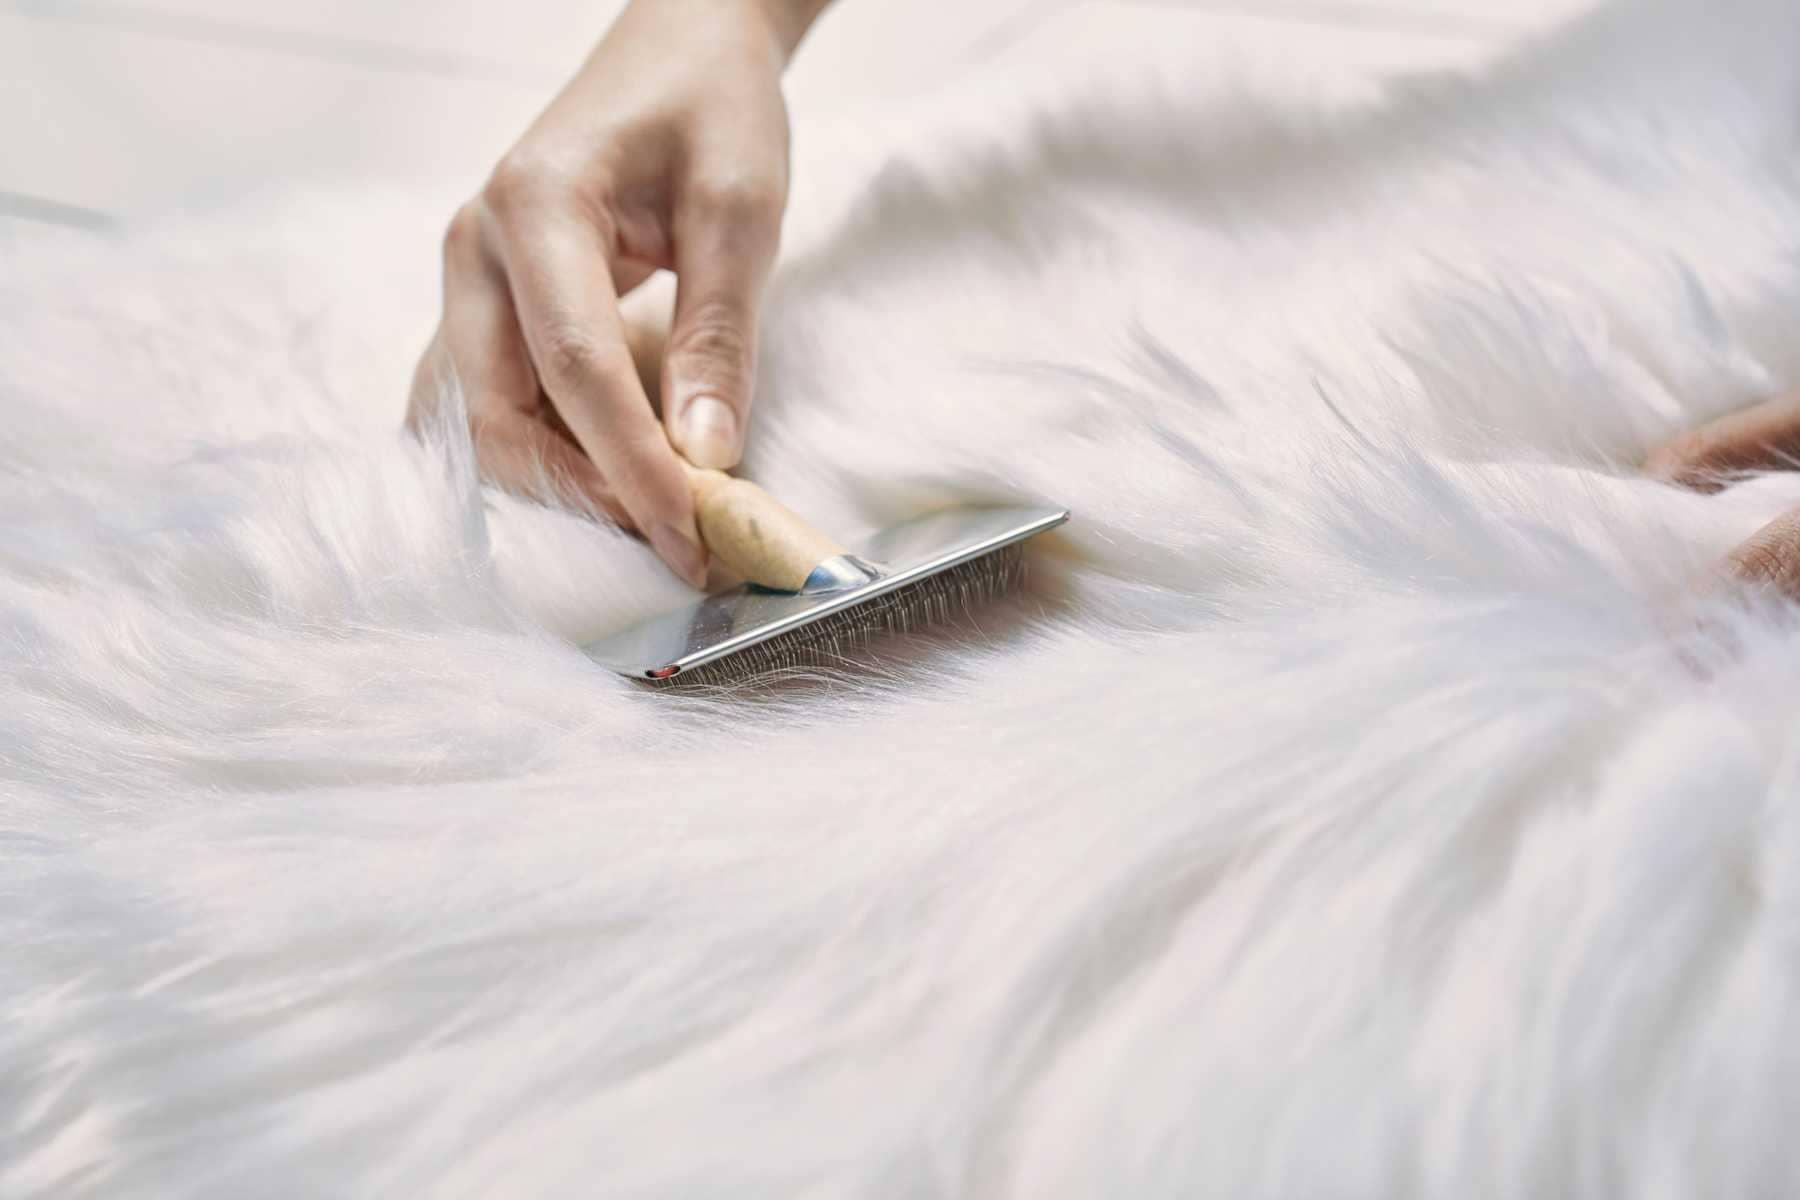 Dịch vụ giặt áo khoác lông thú chuyên nghiệp của chúng tôi